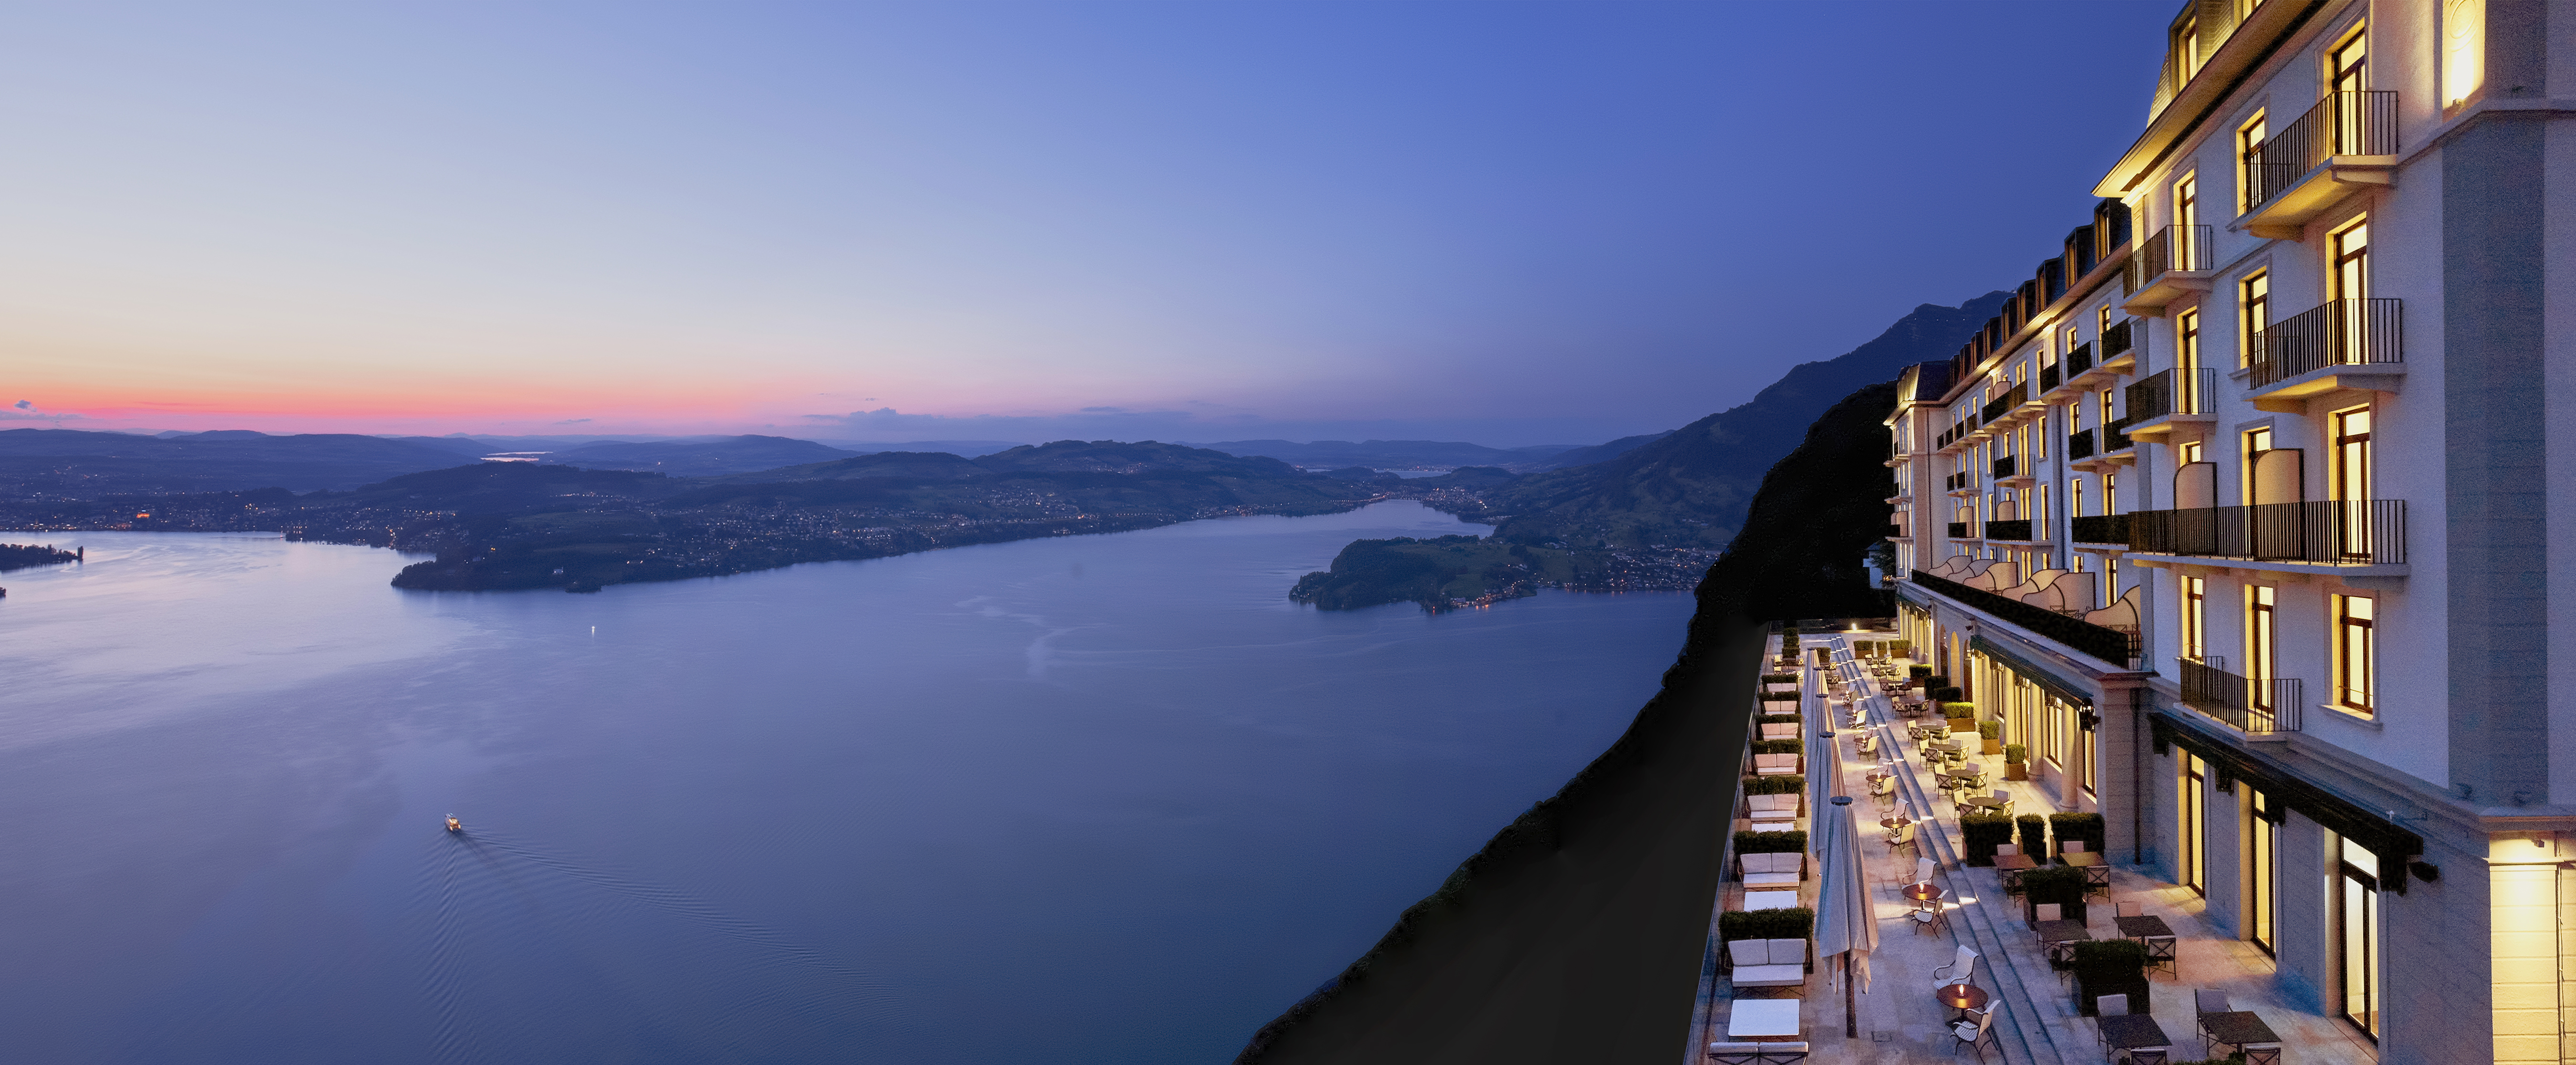 ©Bürgenstock Resort